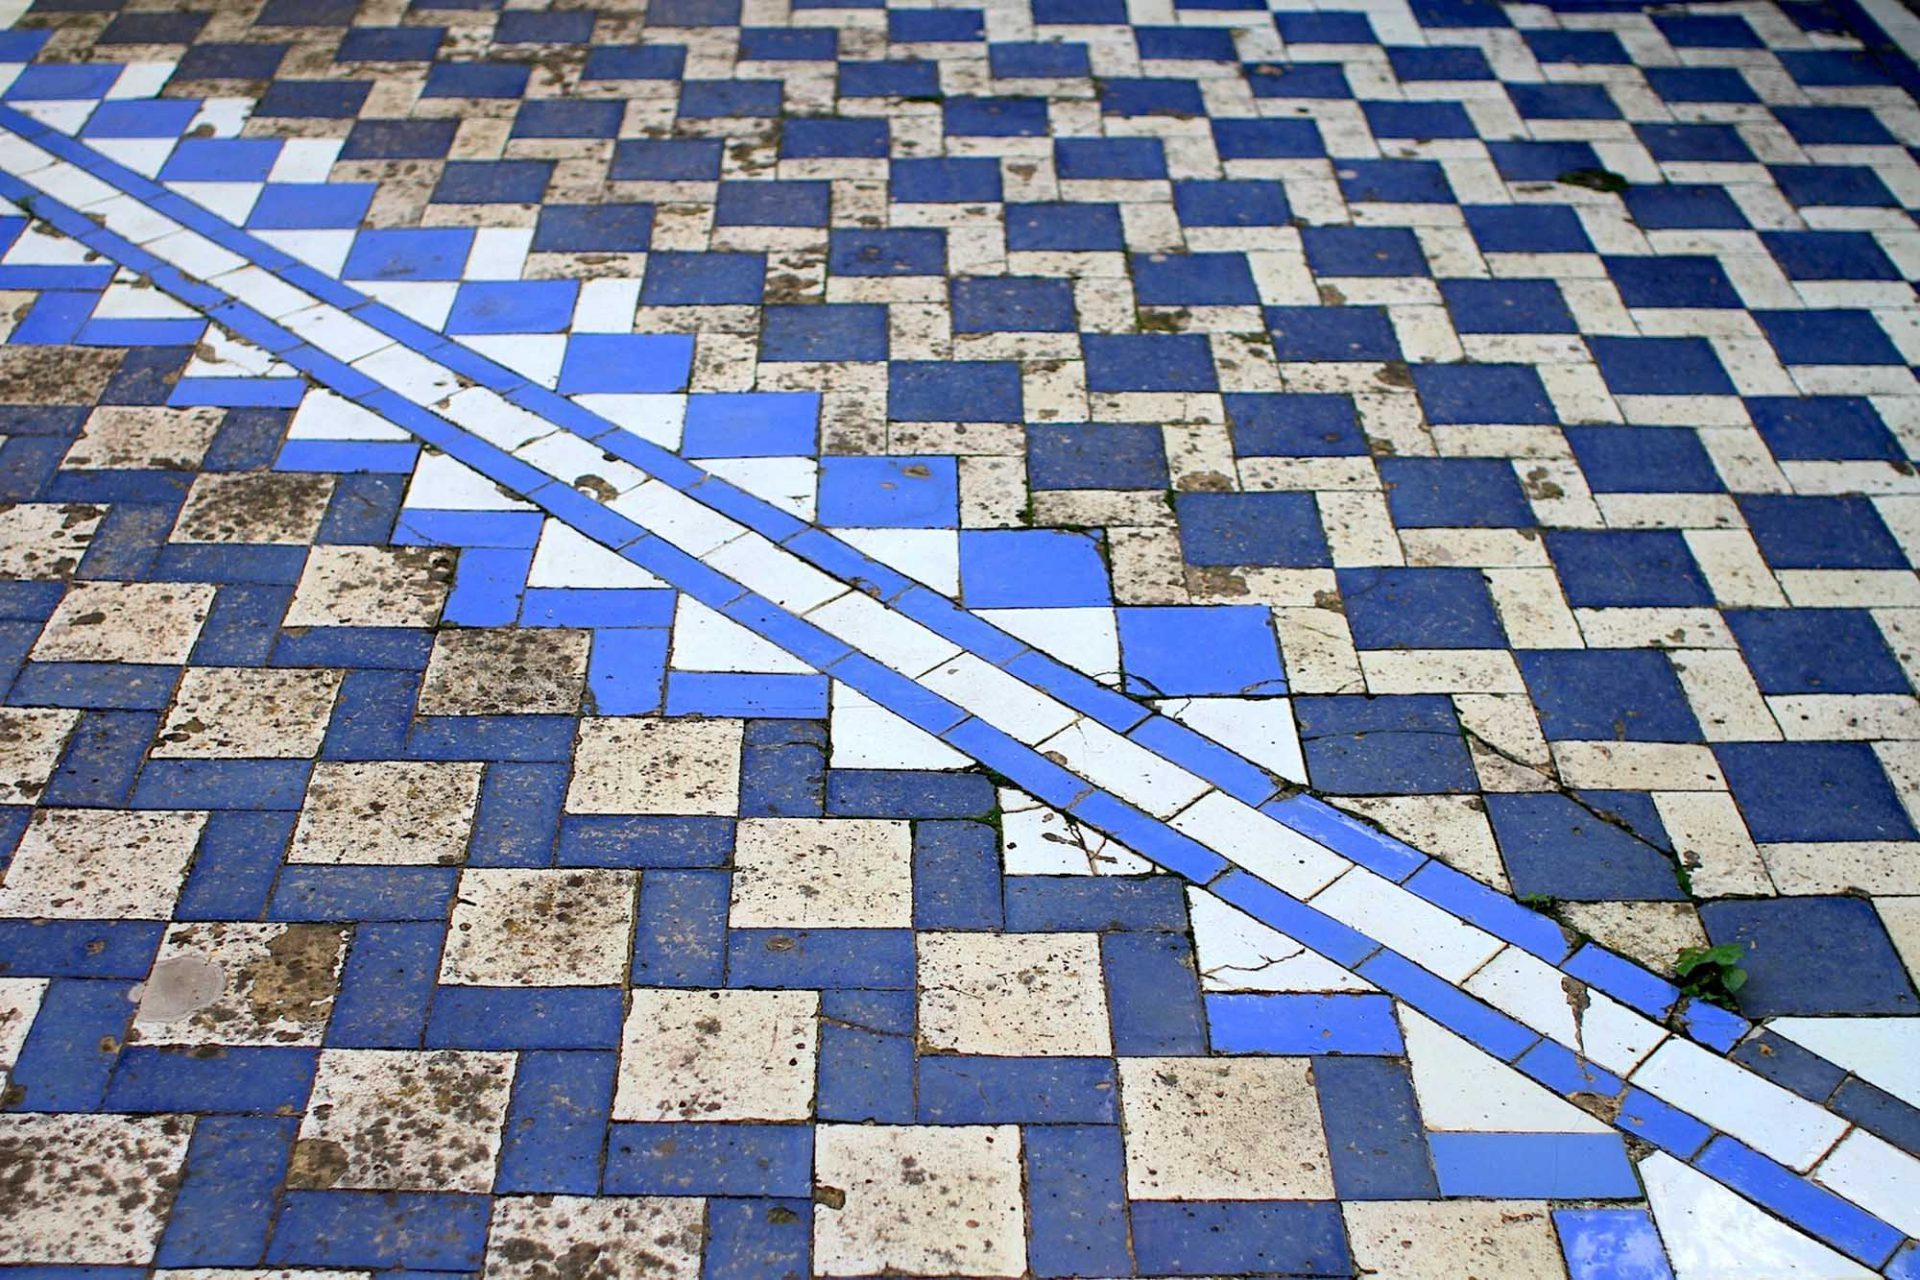 Palácio Nacional da Pena. Kachelkunst auf dem Boden des Innenhofs der ehemaligen Klosteranlage.